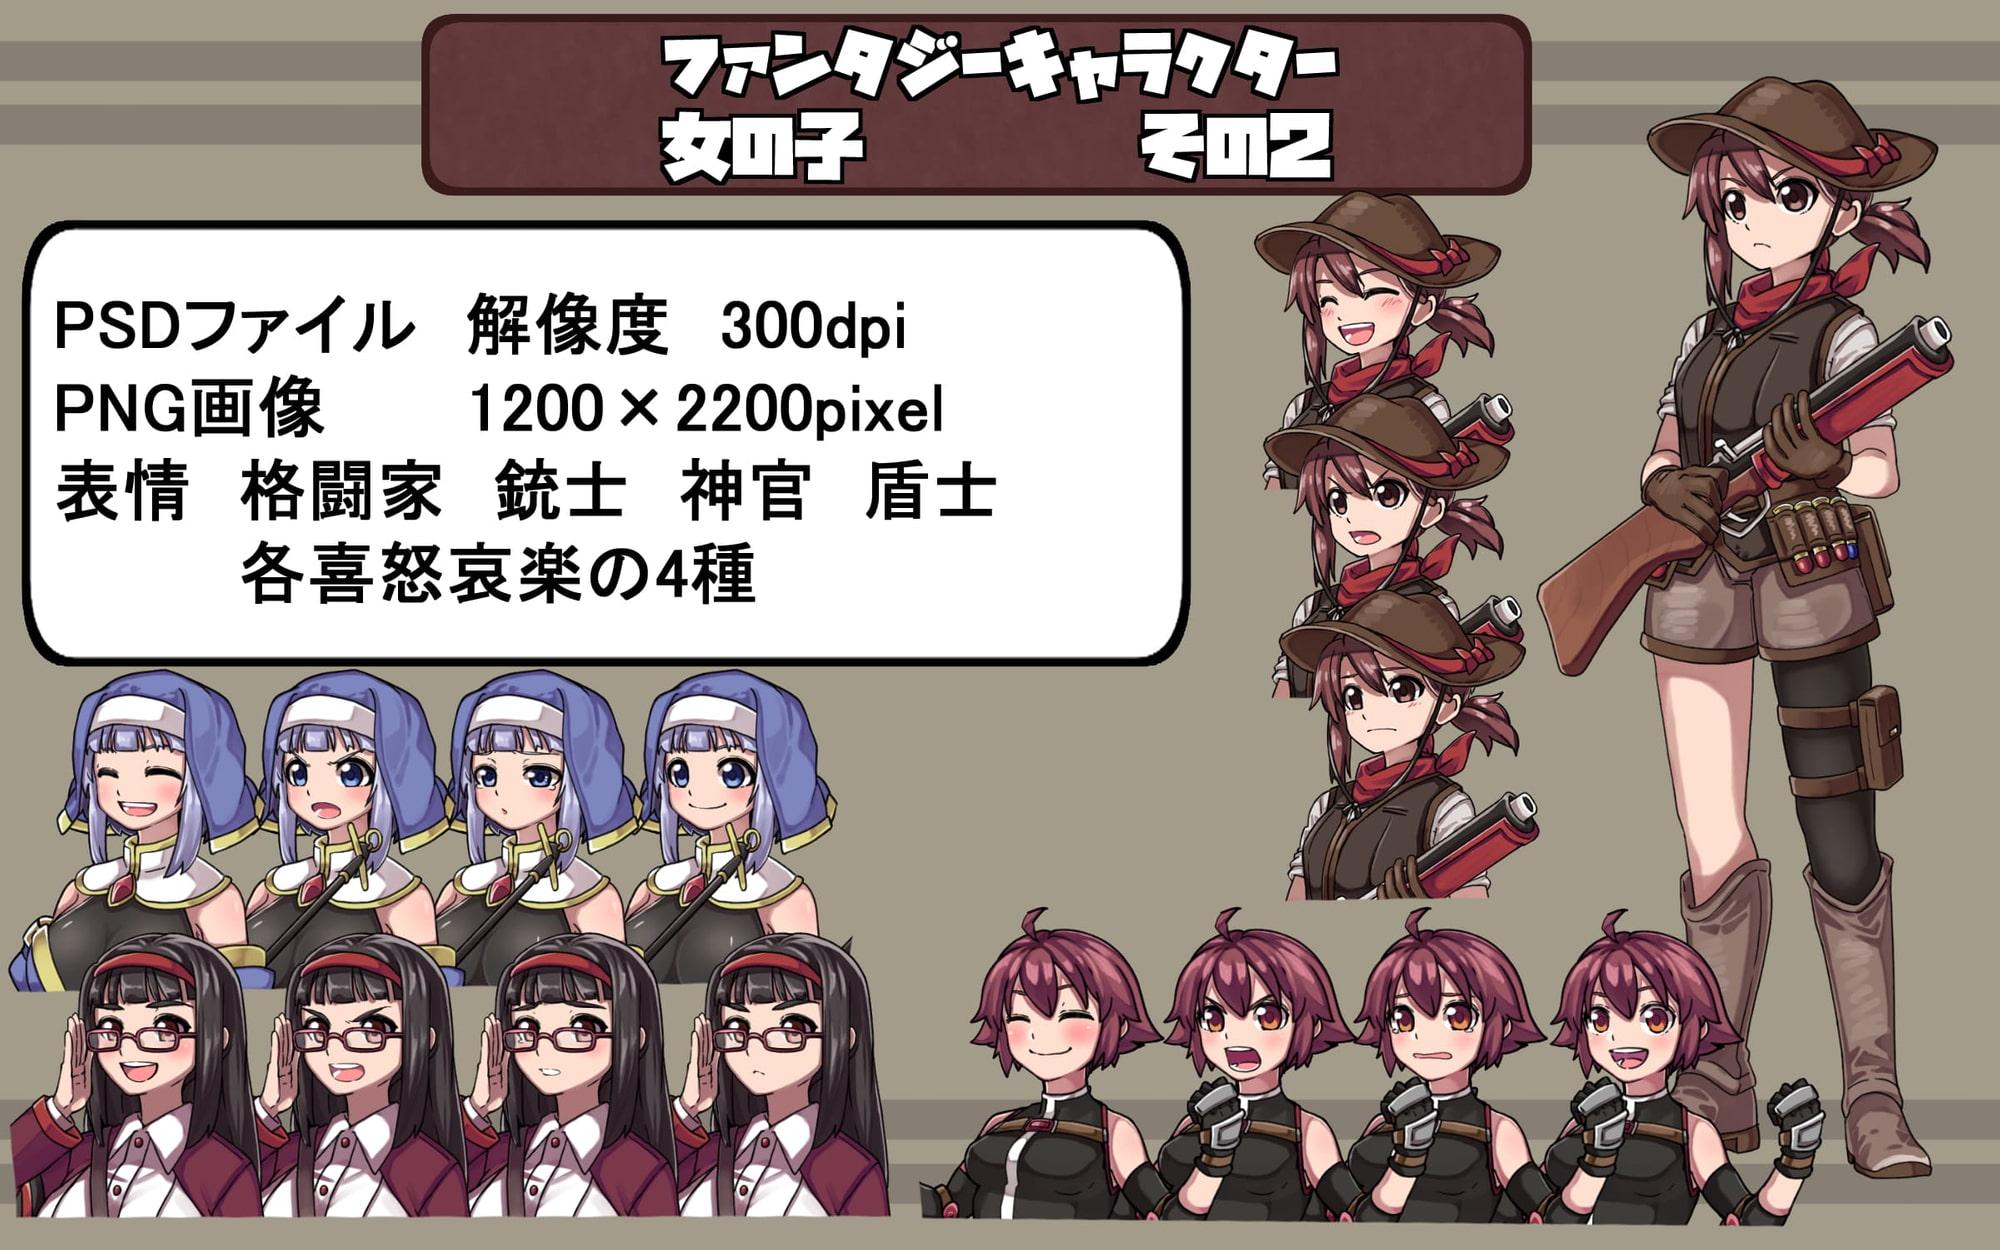 ファンタジーキャラクター 立ち絵素材 駆け出しセット Vol.2